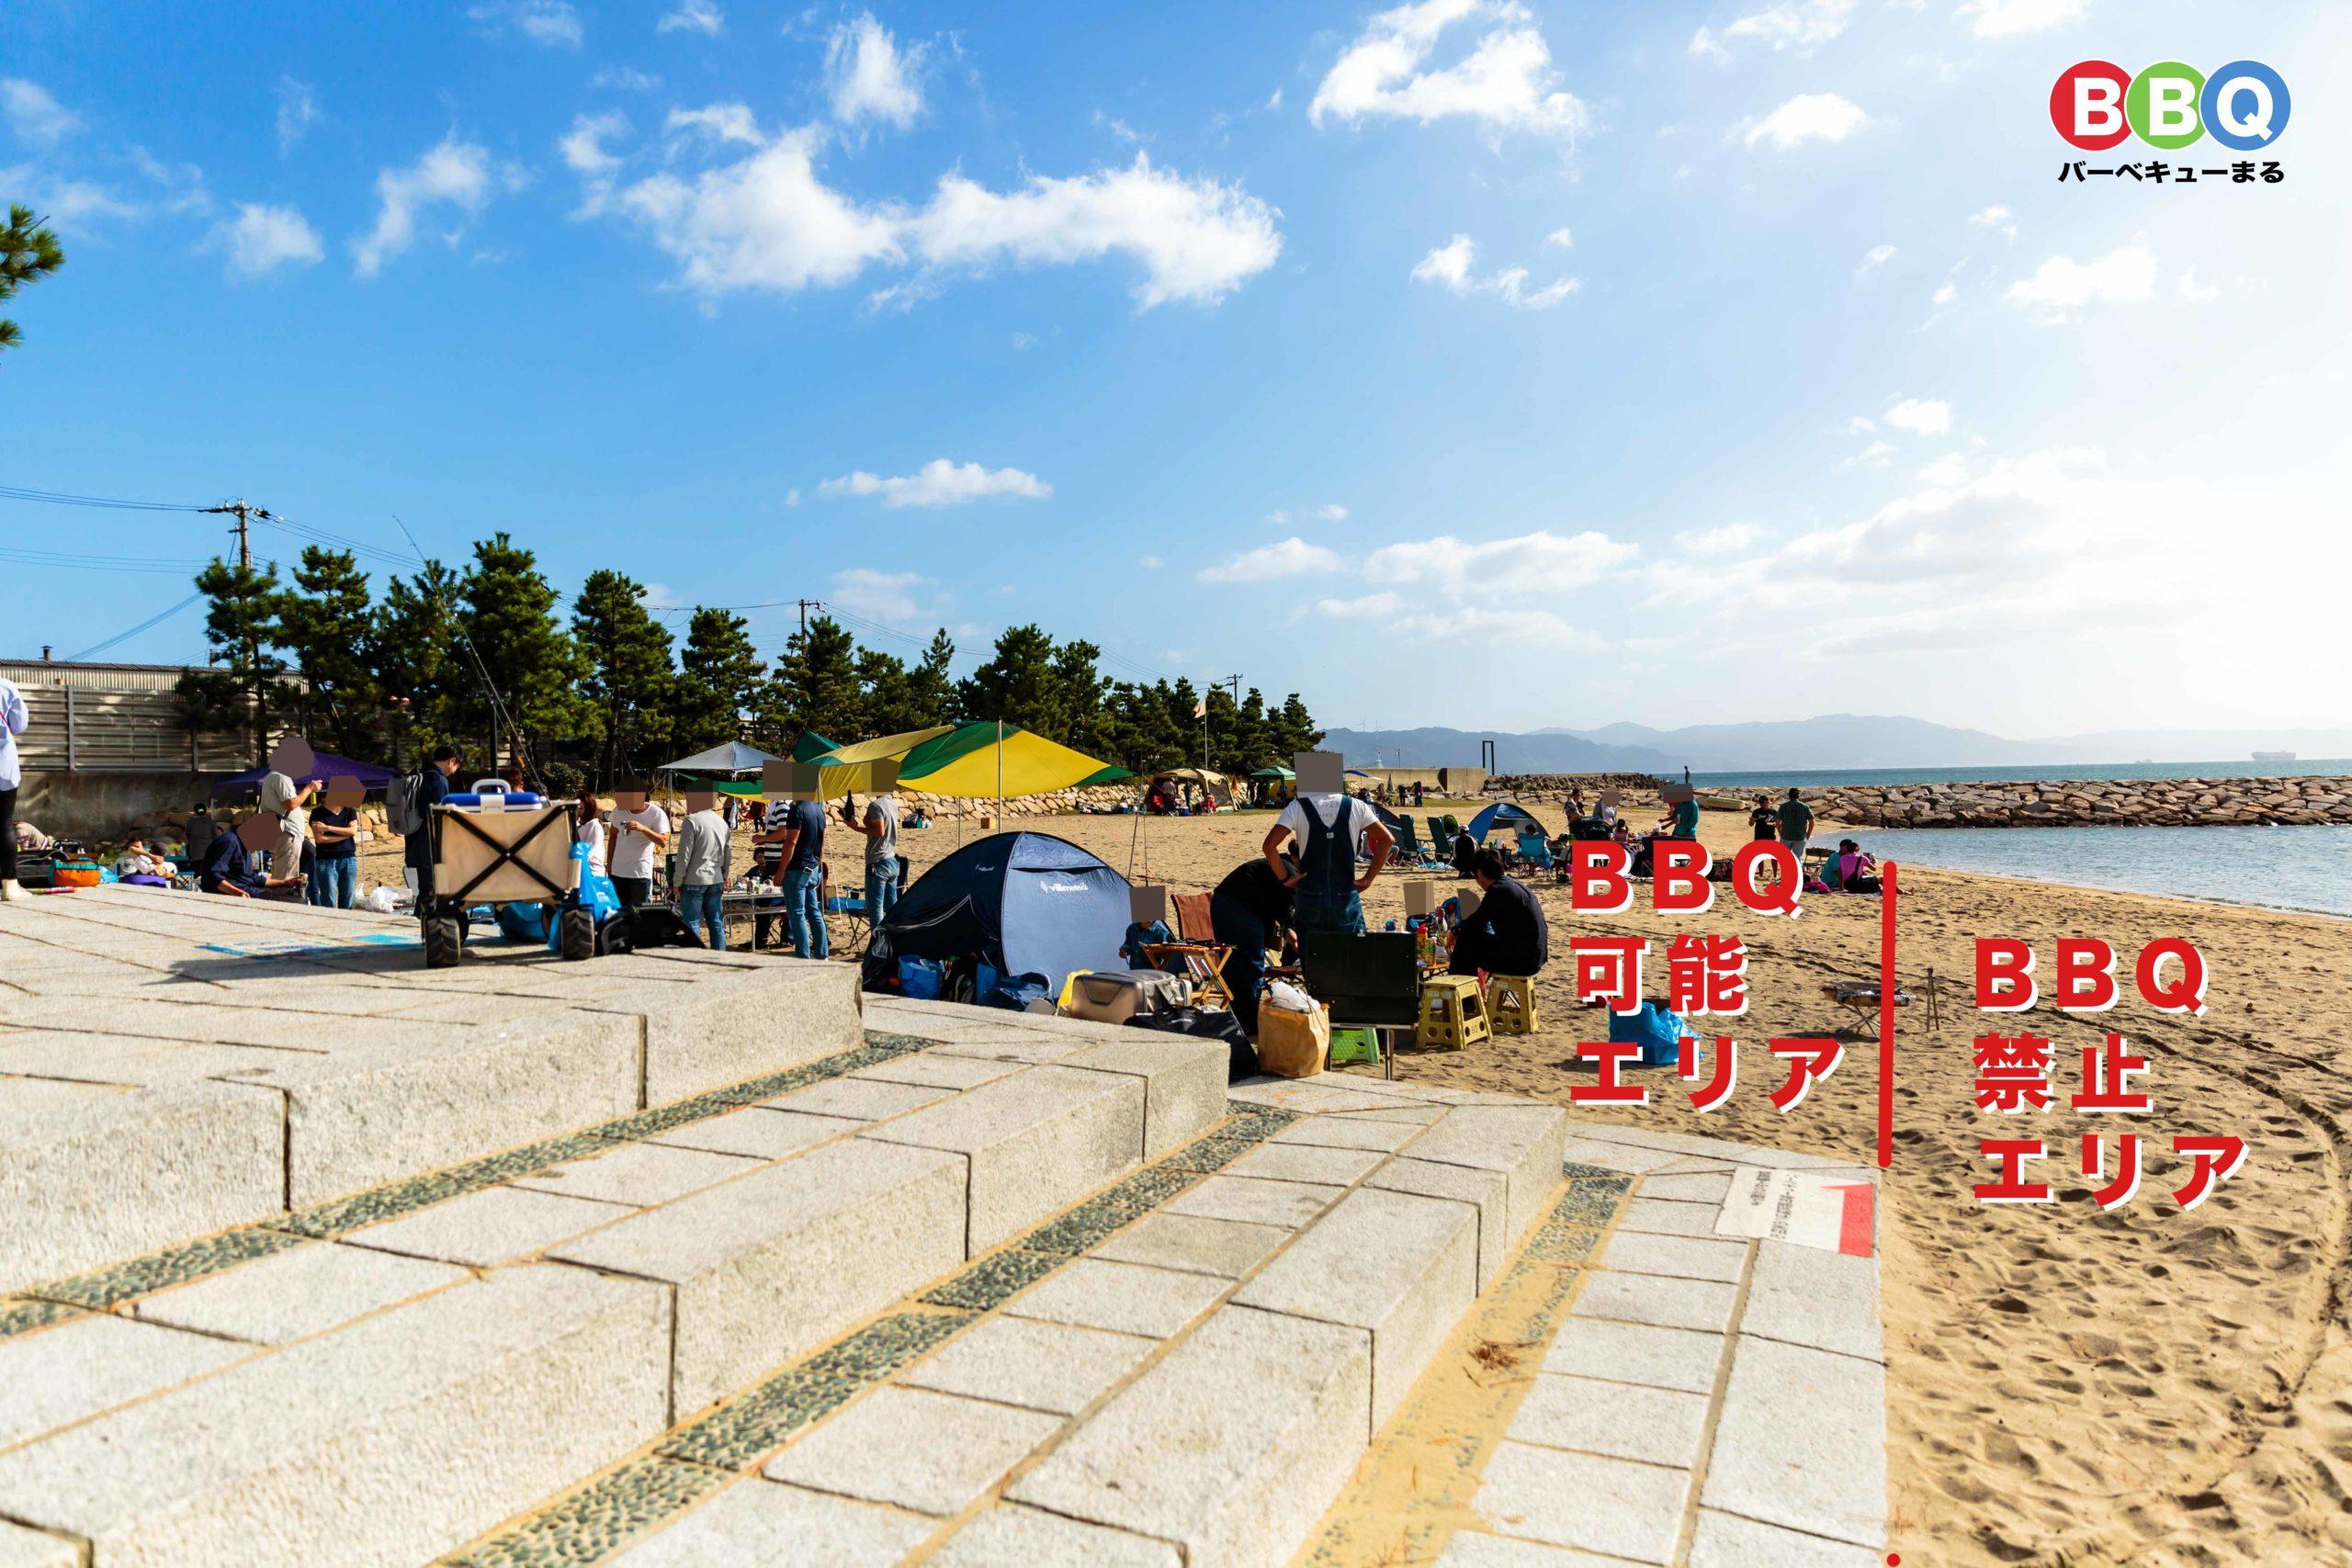 林崎松江海岸の東側バーベキューエリア